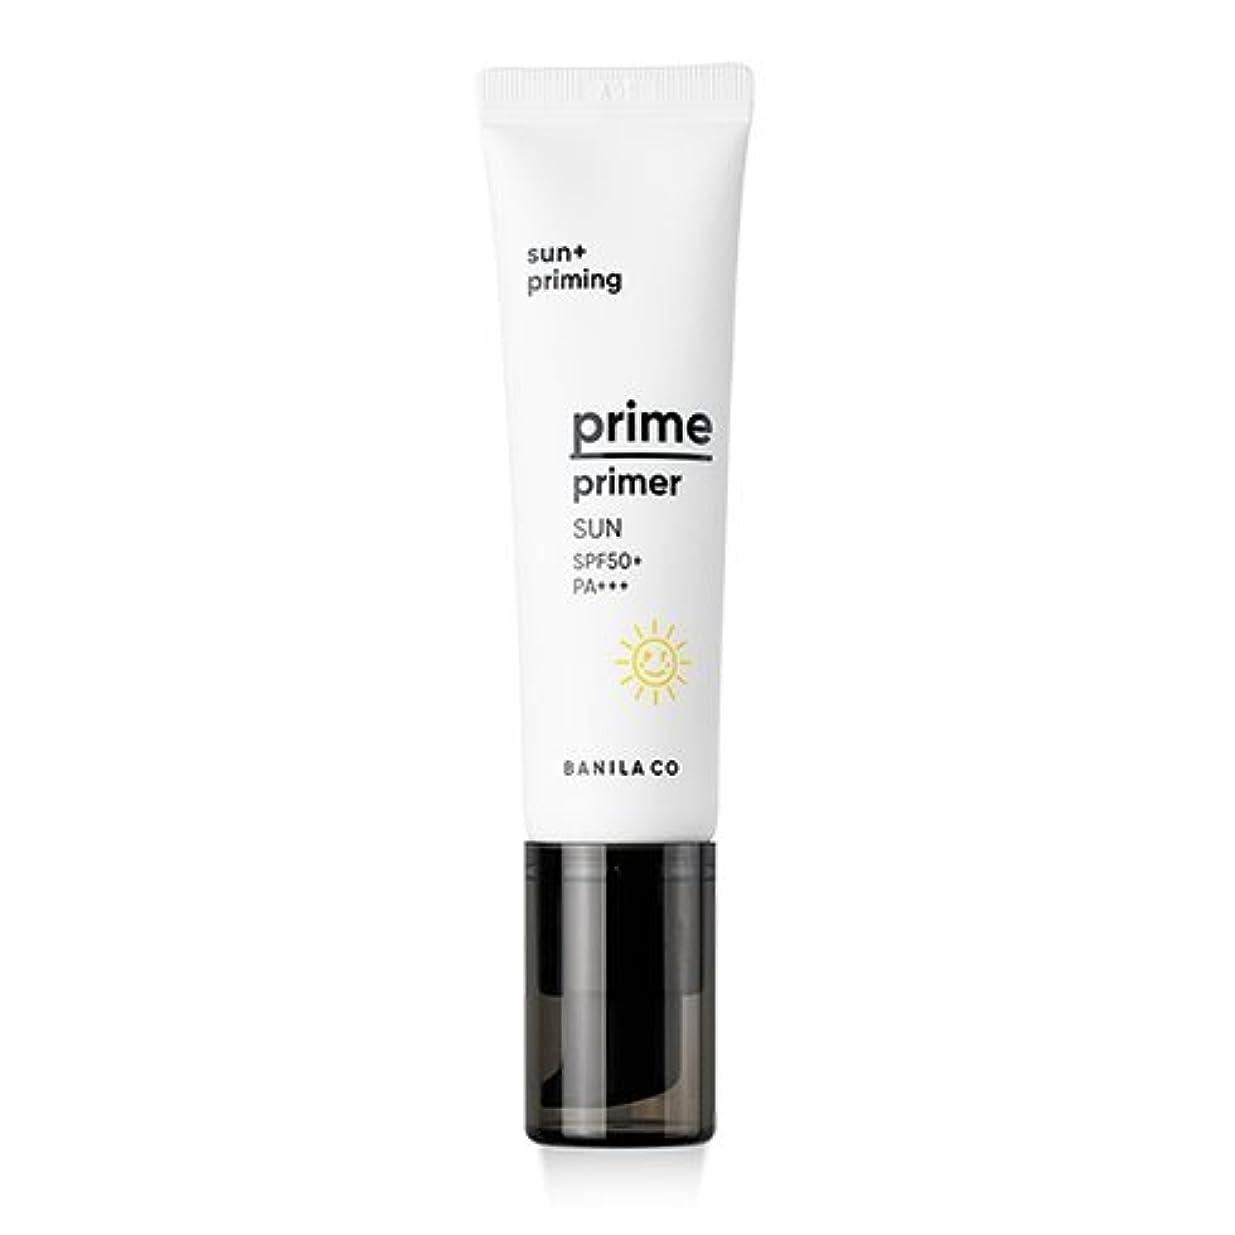 閃光リスト補正[Renewal] BANILA CO Prime Primer Sun 30ml/バニラコ プライム プライマー サン 30ml [並行輸入品]